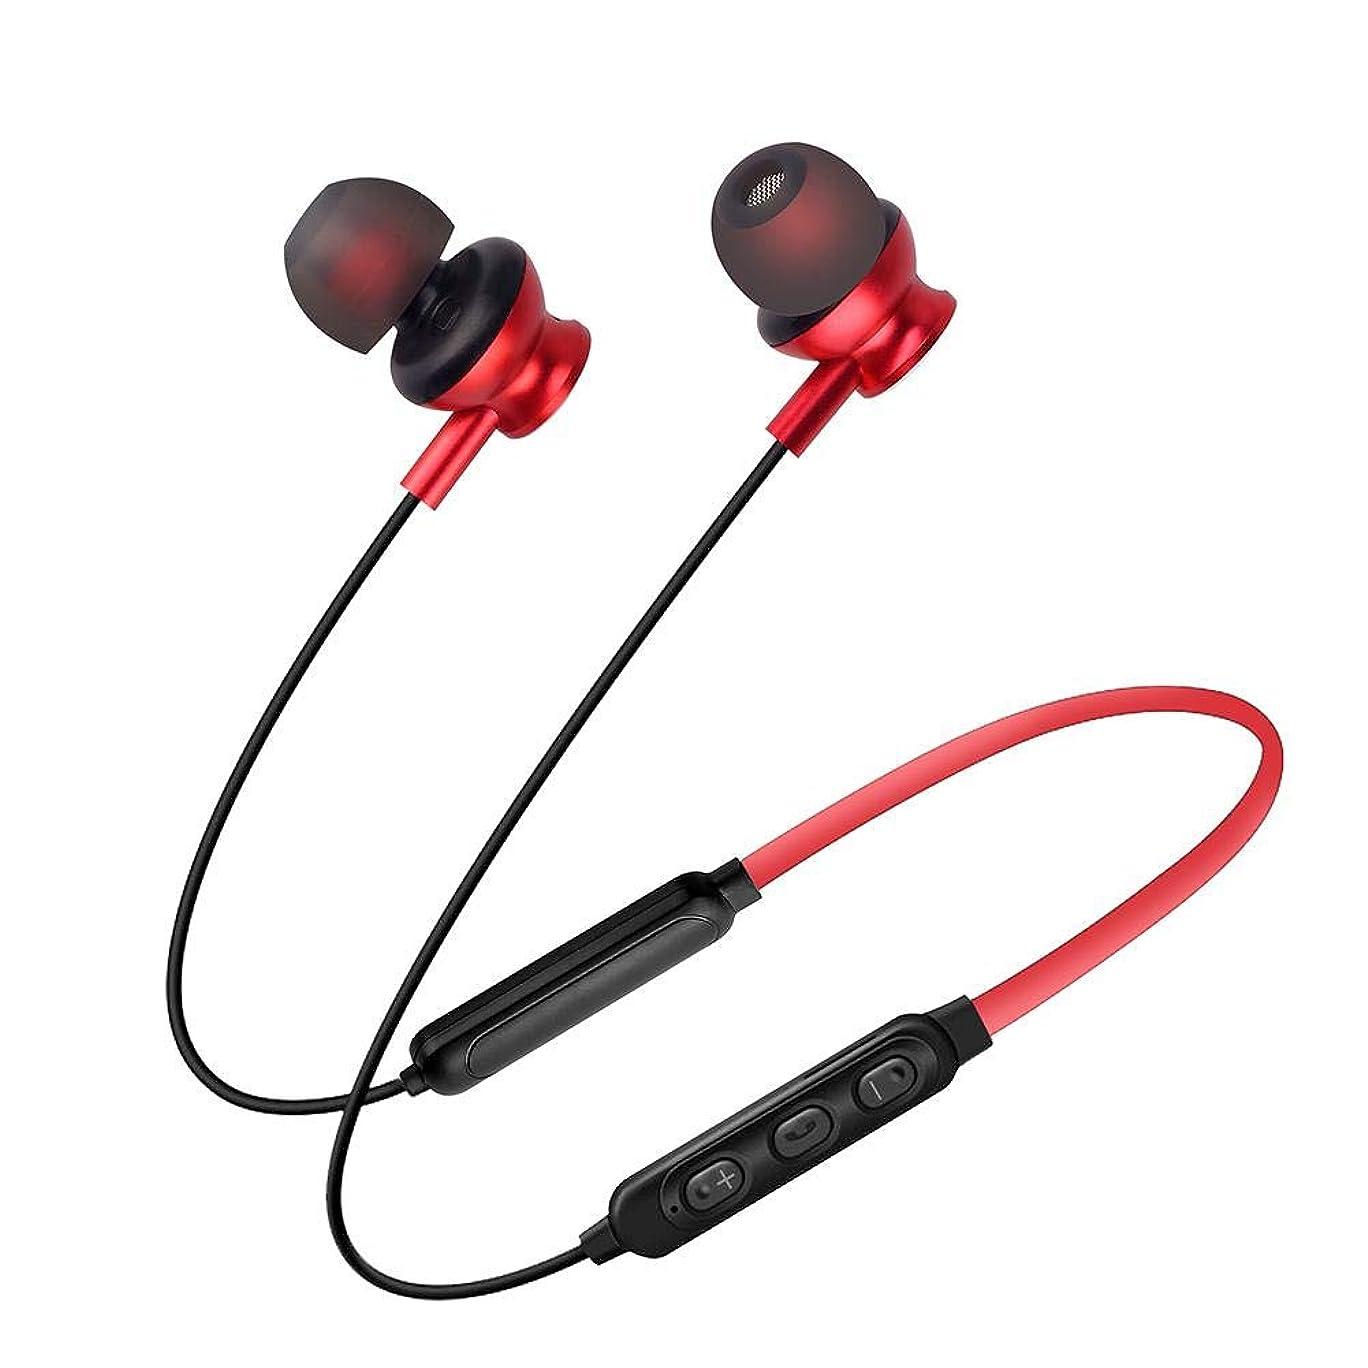 告白する代表エンコミウムBluetoothヘッドセット、ネックマウント型BluetoothヘッドセットステレオヘッドセットBluetoothバージョン5.0